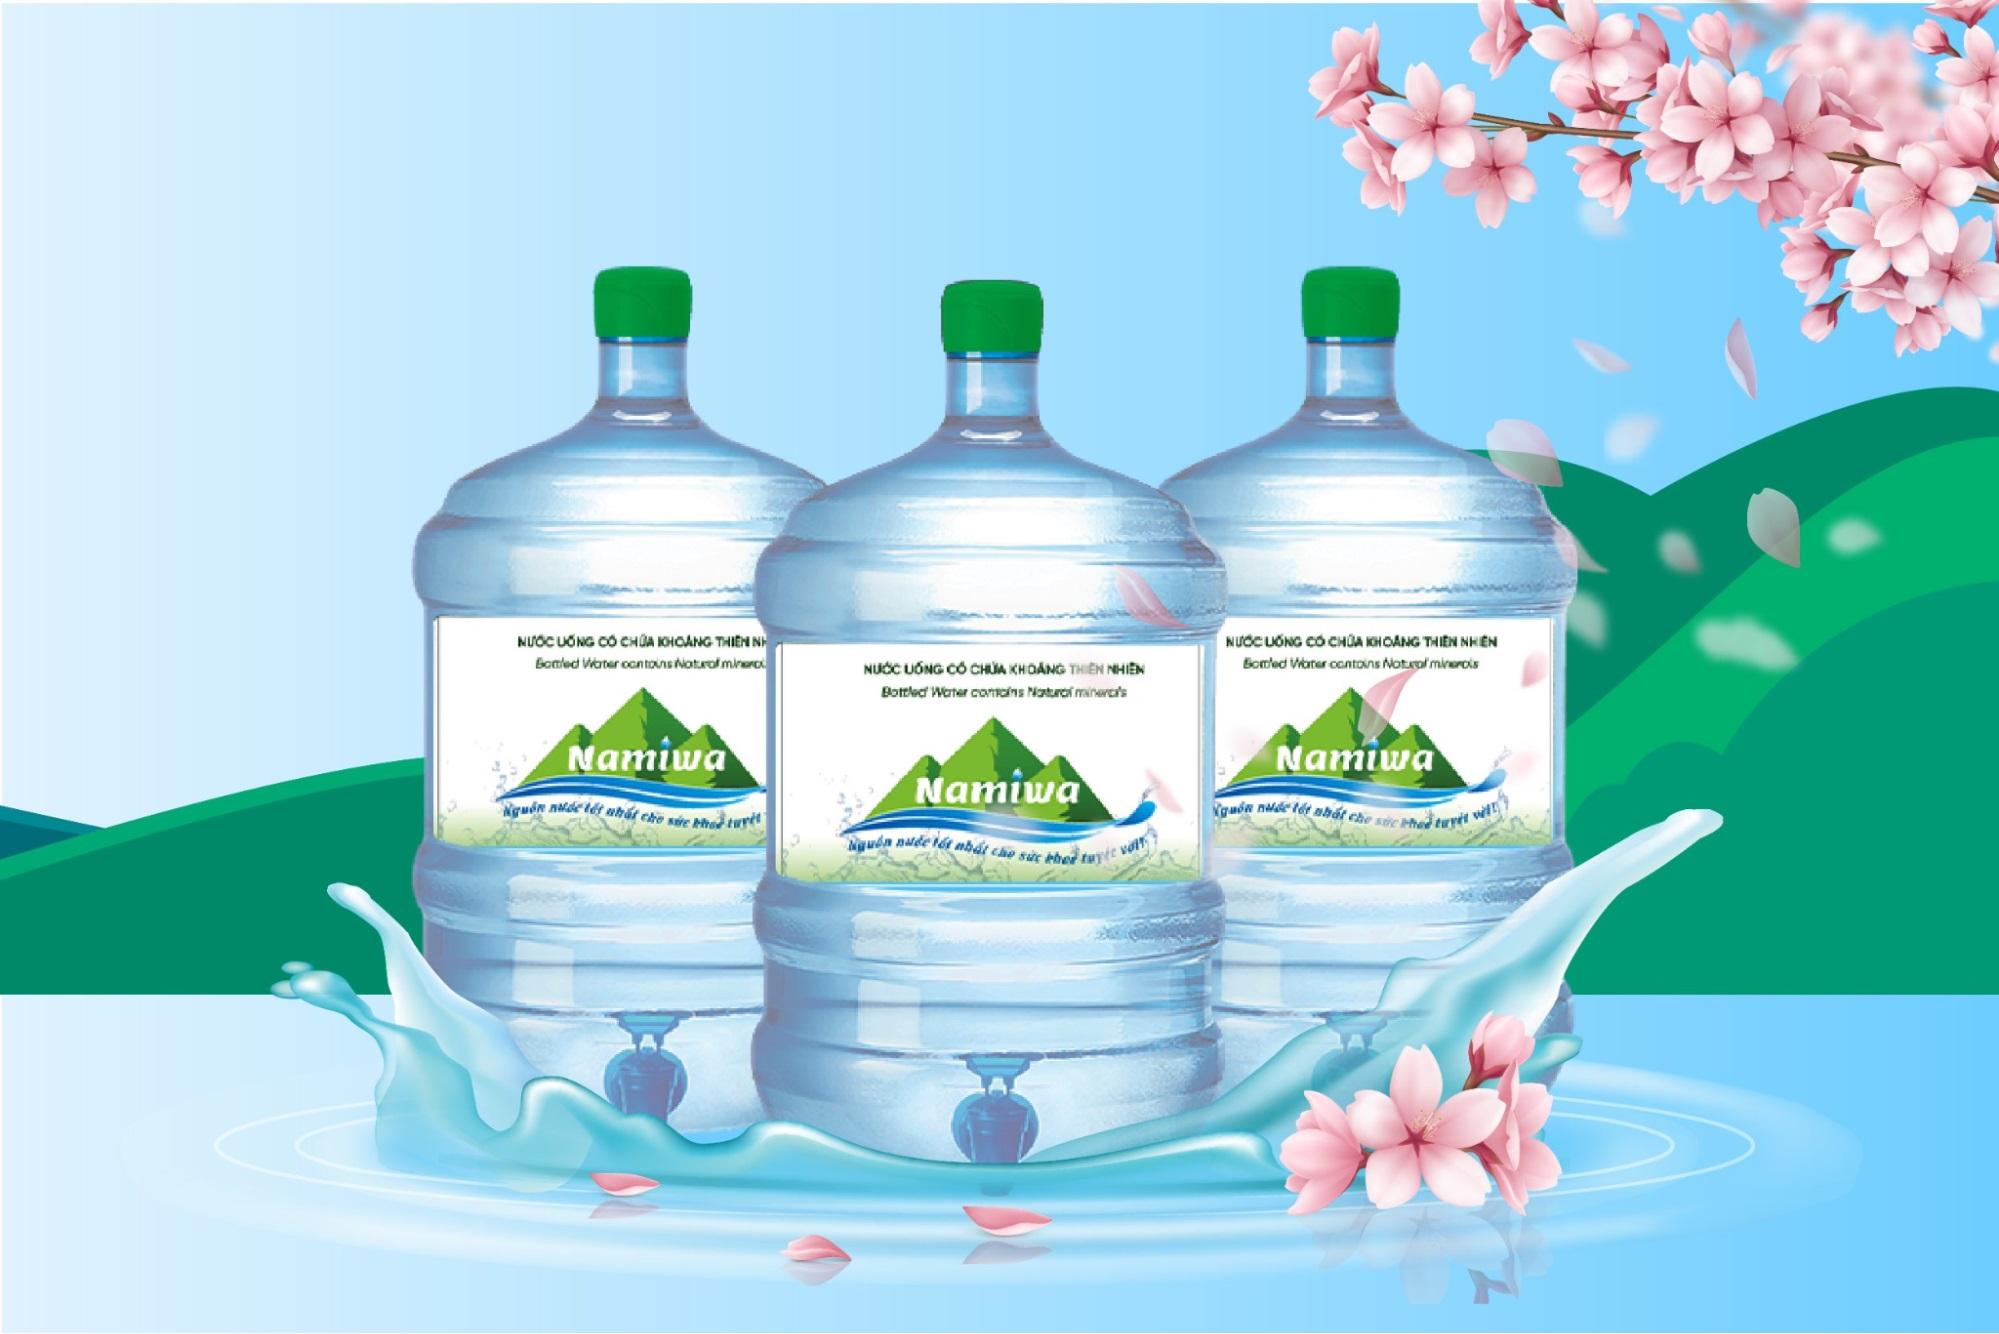 Nước khoáng Namiwa được khai thác từ nguồn khoáng nóng Kim Bôi Hoà Bình nổi tiếng tốt cho sức khỏe